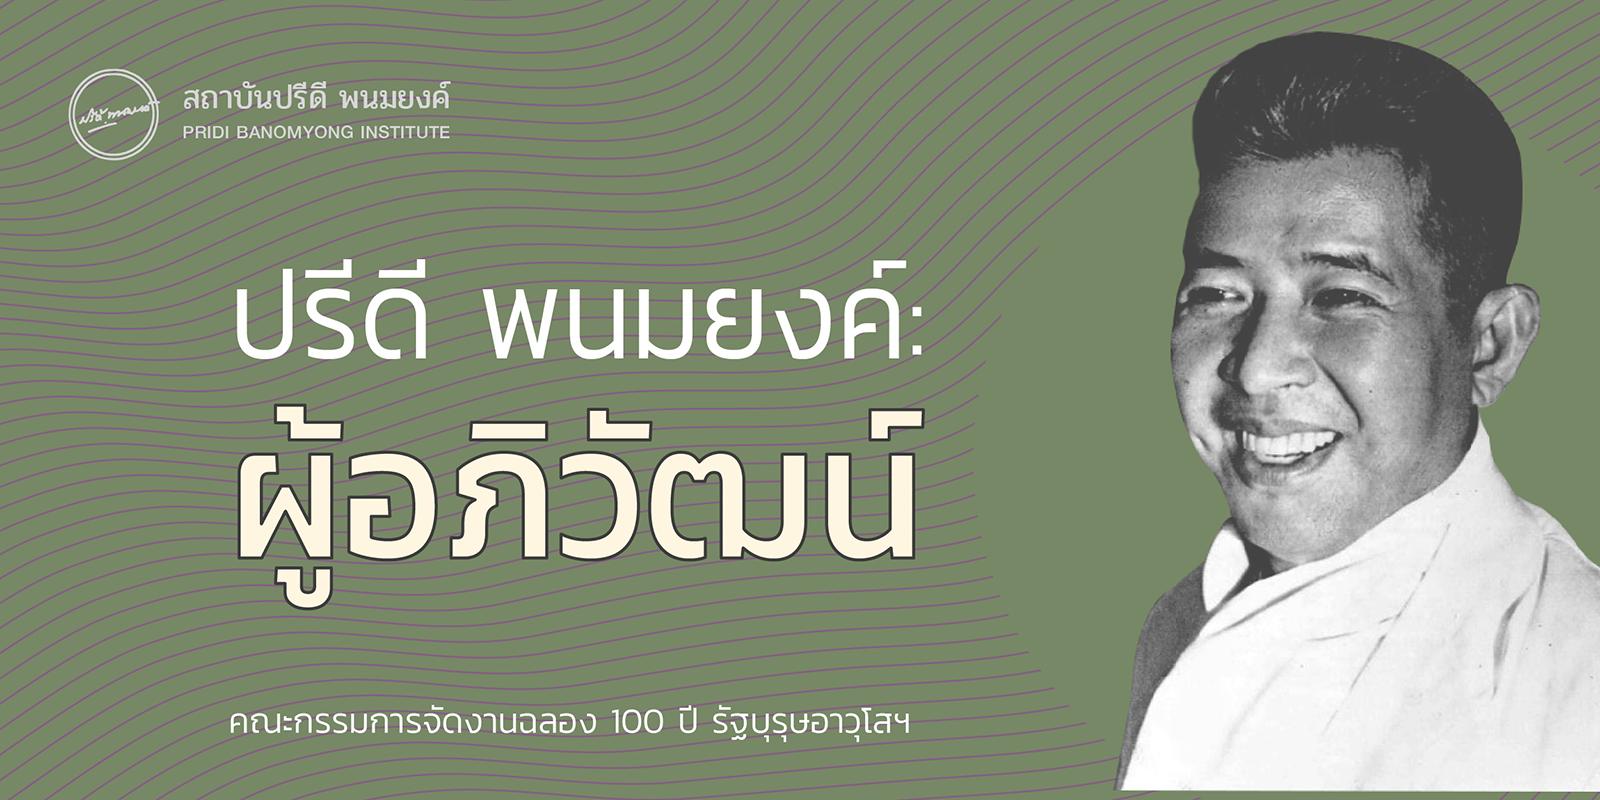 ปรีดี พนมยงค์: ผู้อภิวัฒน์